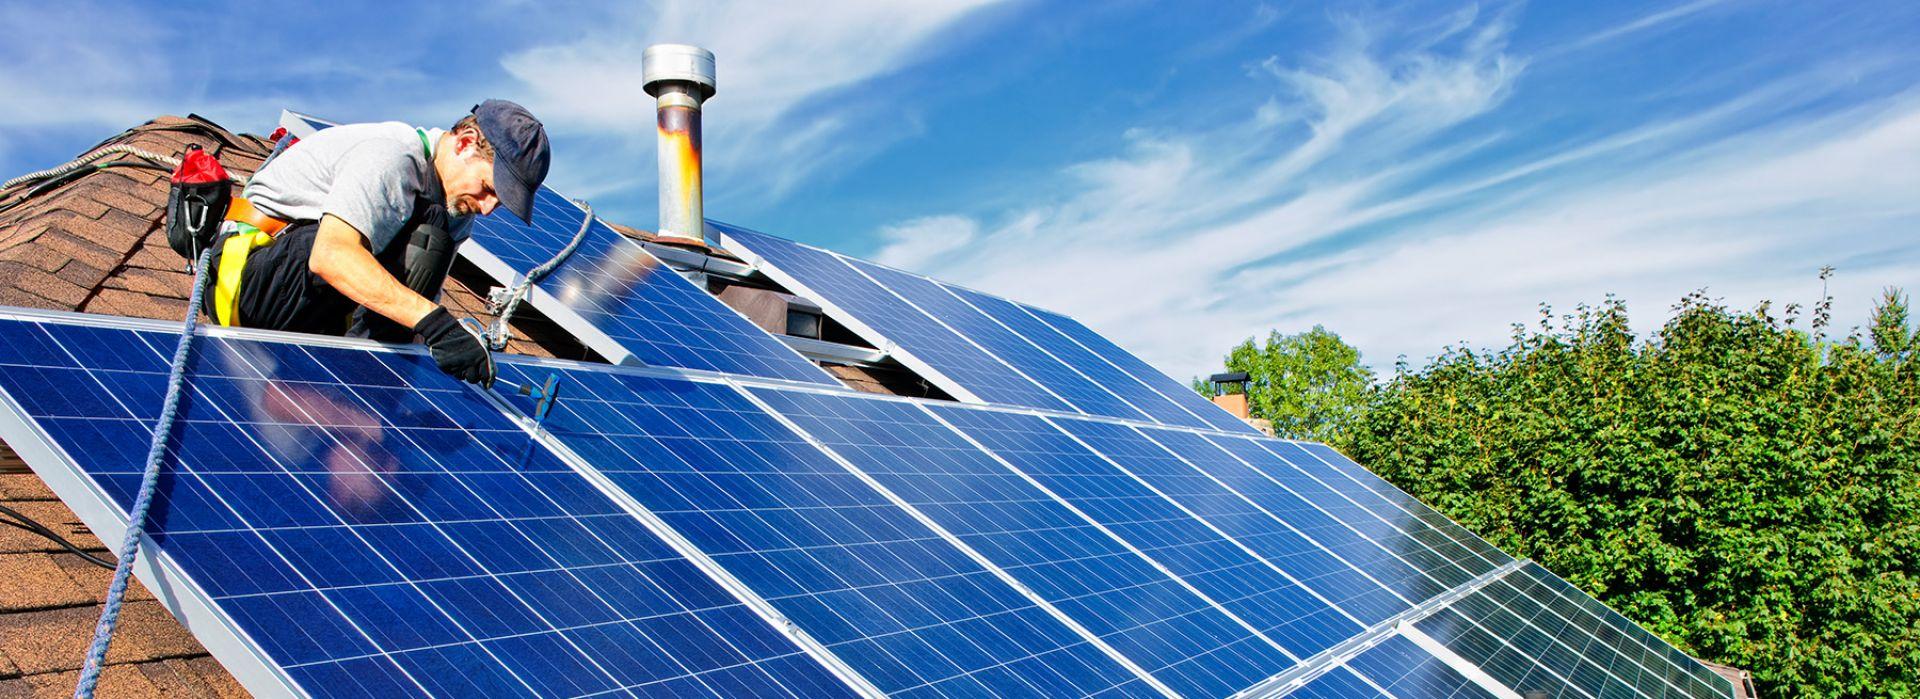 Diseñamos e instalamos tus paneles solares de acuerdo a tus necesidades! Solicita tu oferta sin costo alguno! Te mostramos como ahorras dinero y contribuyes a salvar el planeta!